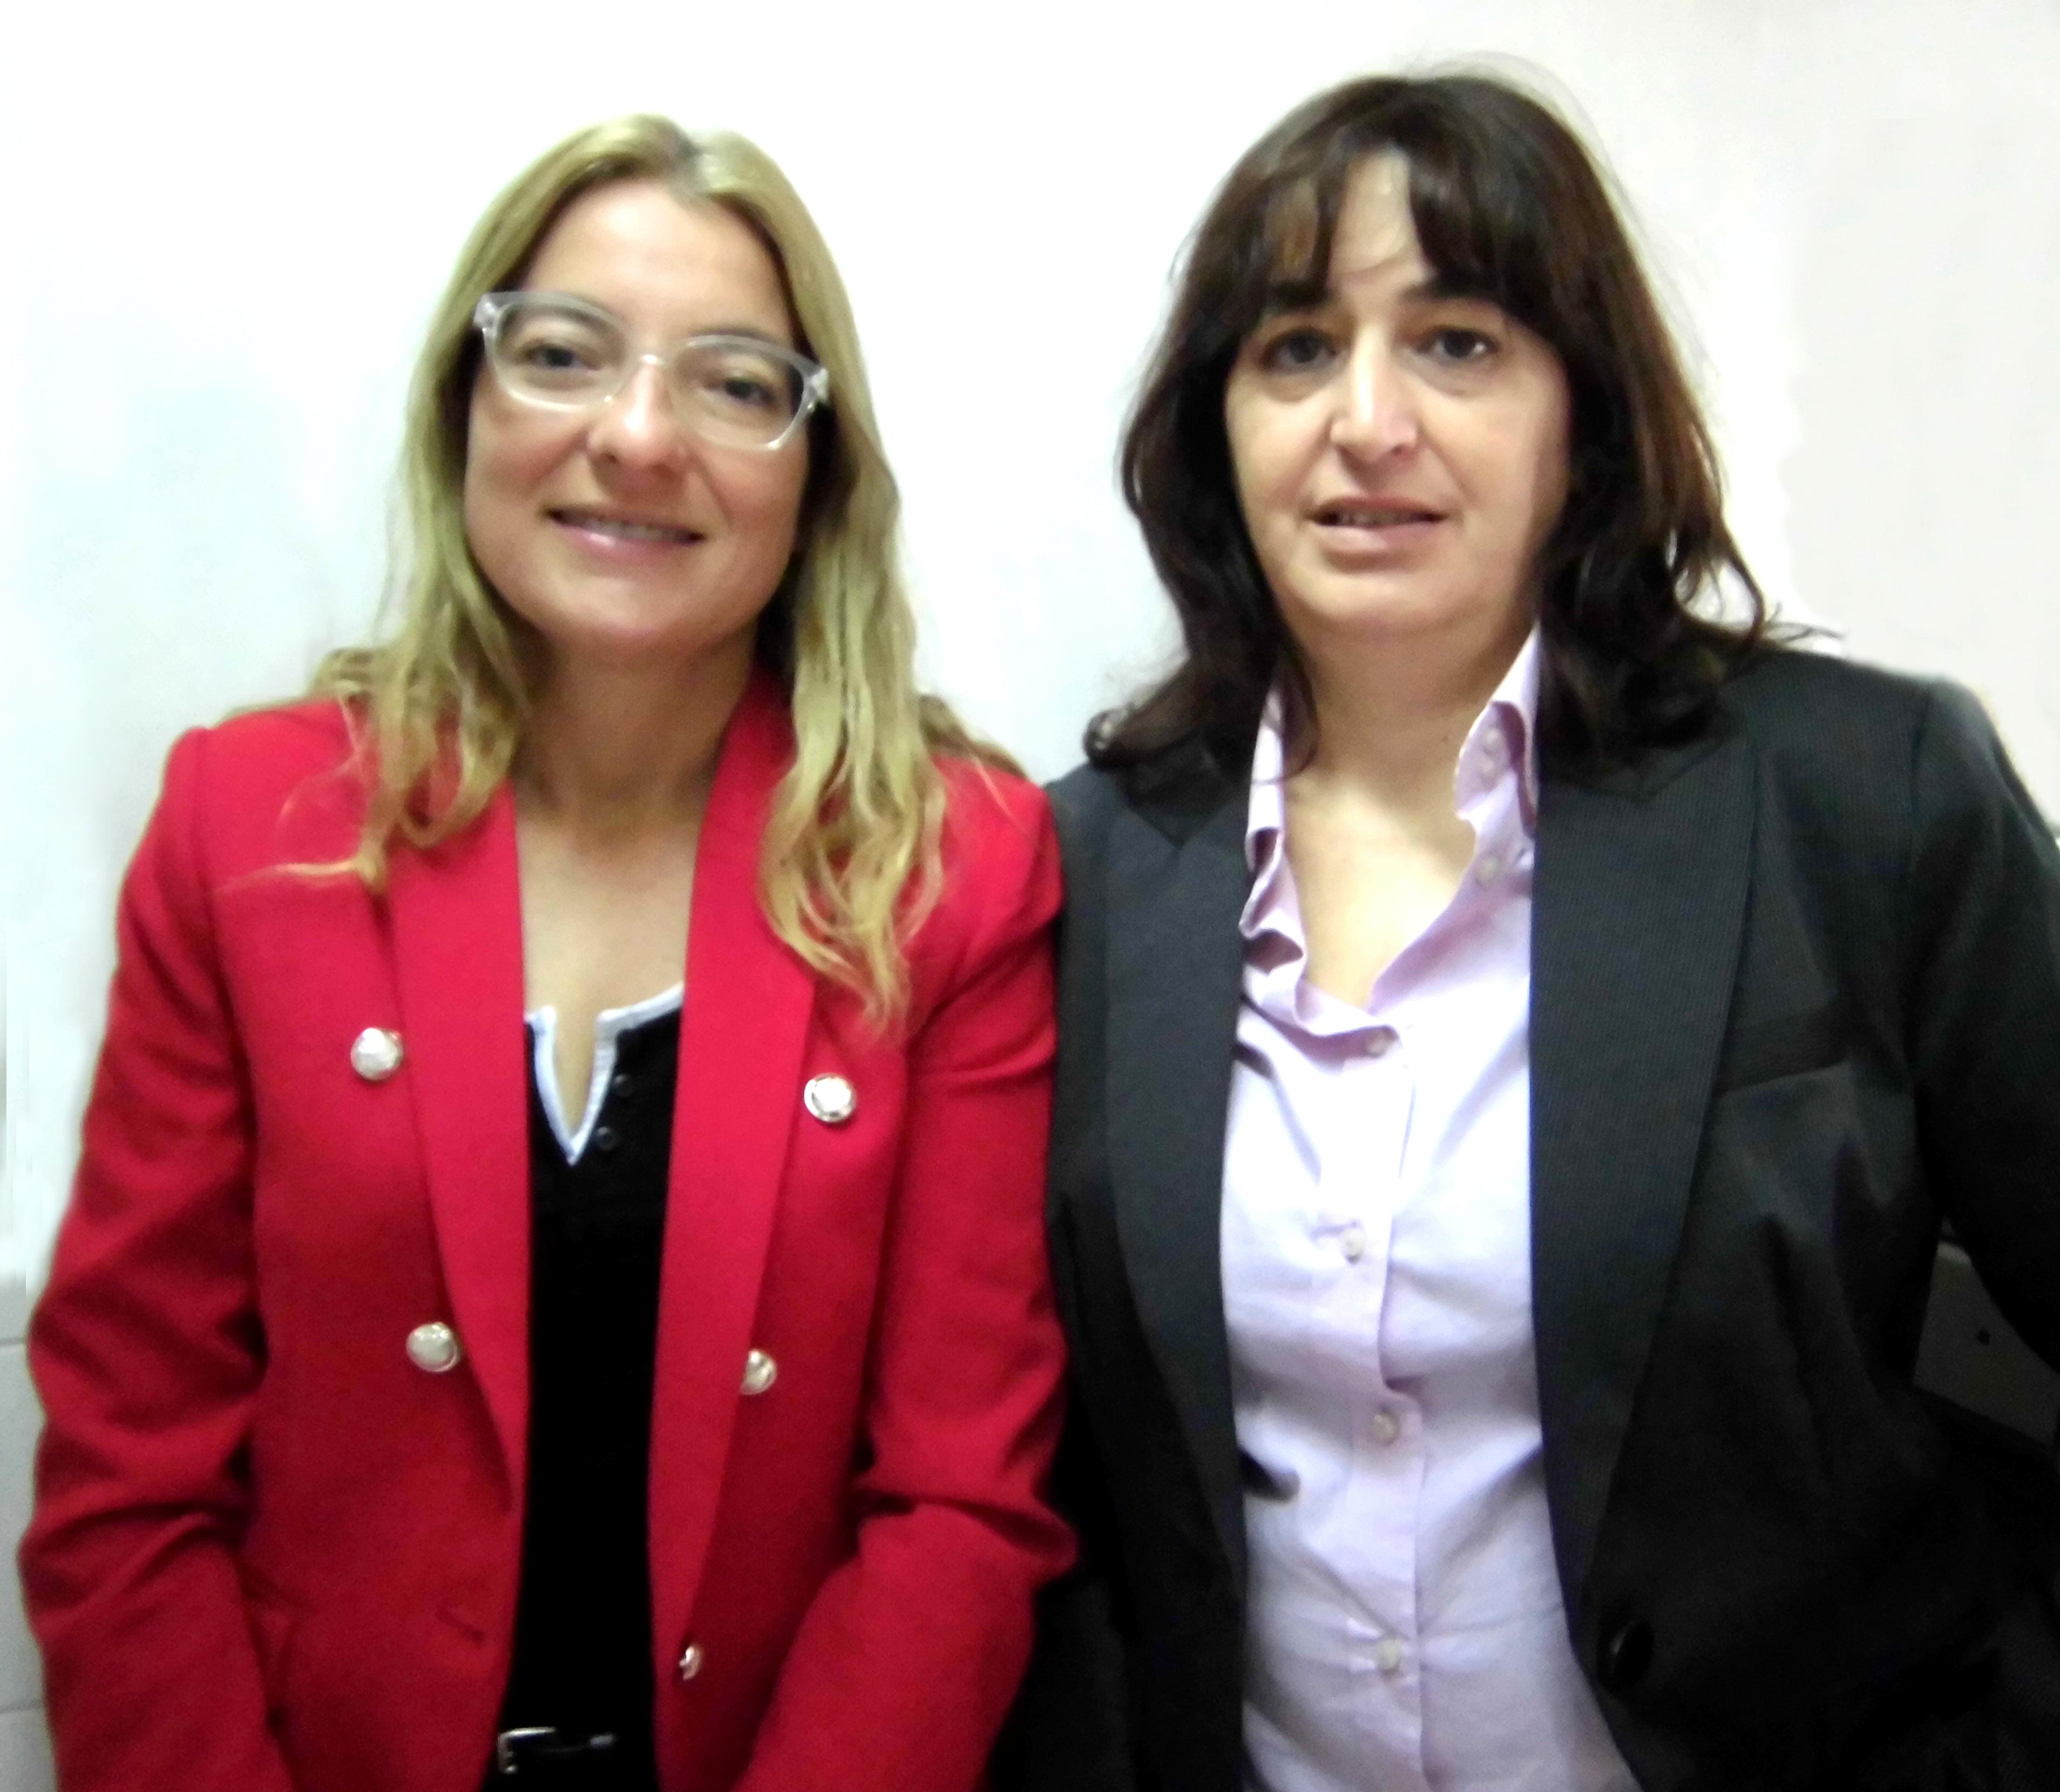 Sra. Àngels Nevado i Casas et alia